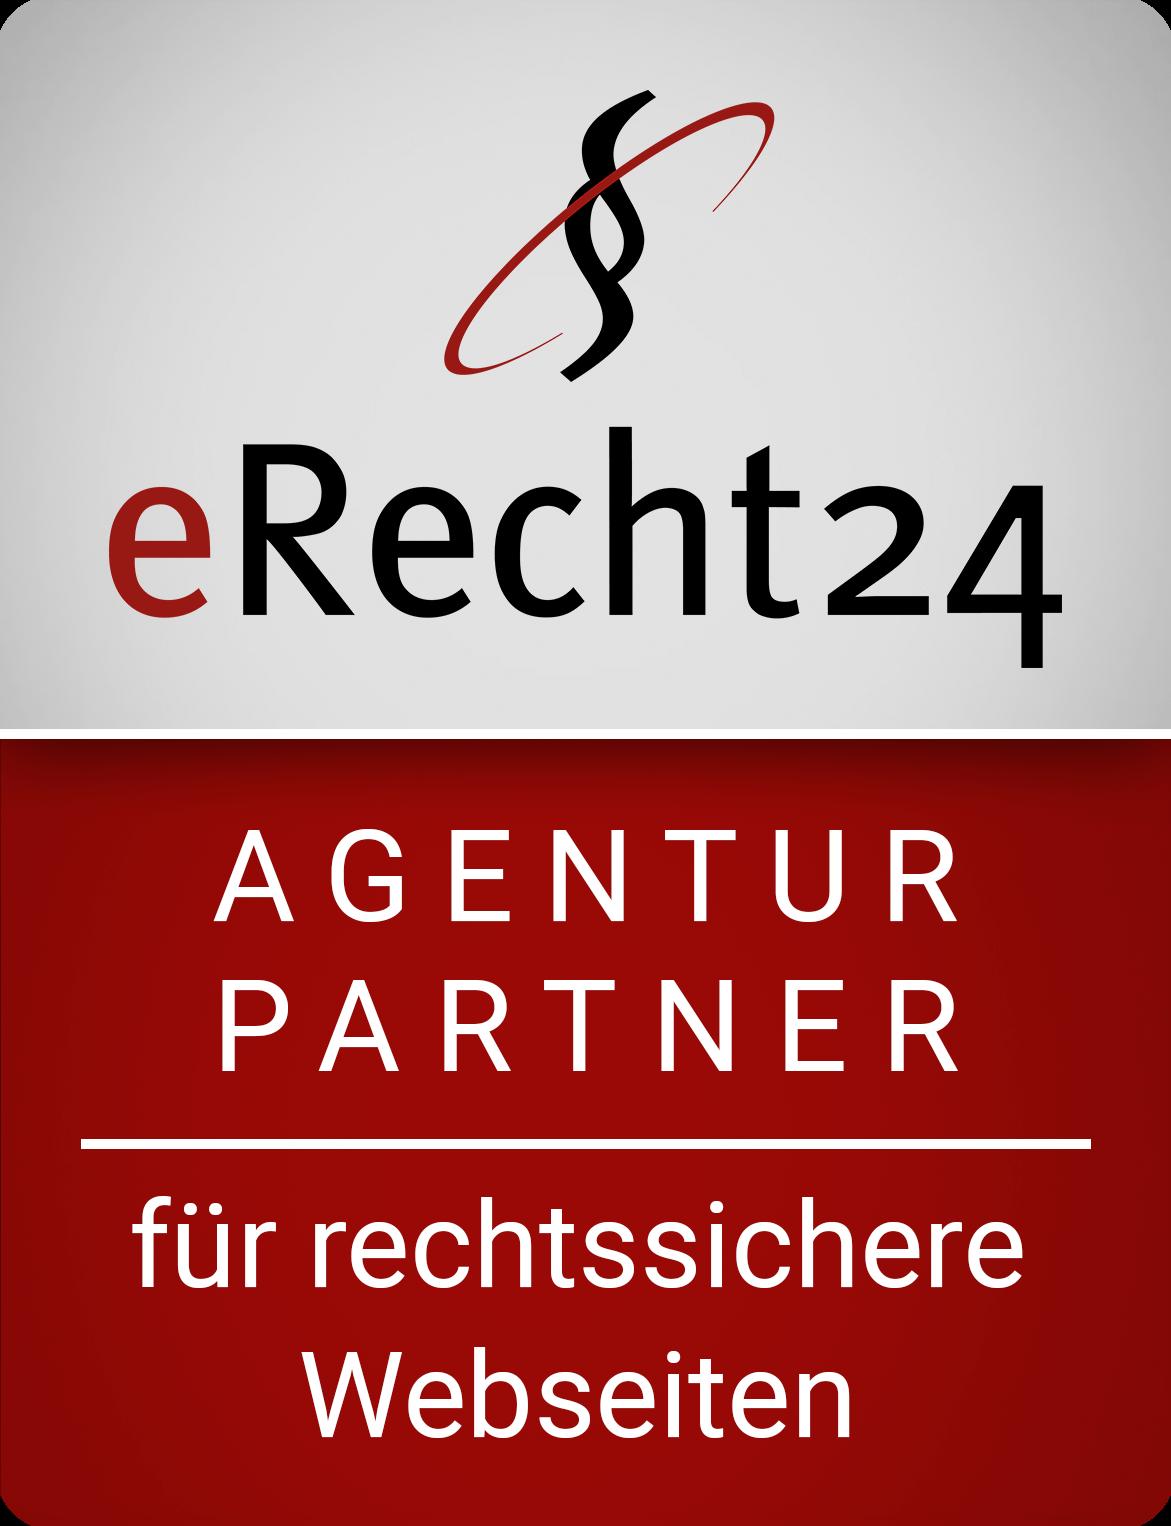 erecht24-siegel-agenturpartner-rot-gross.png